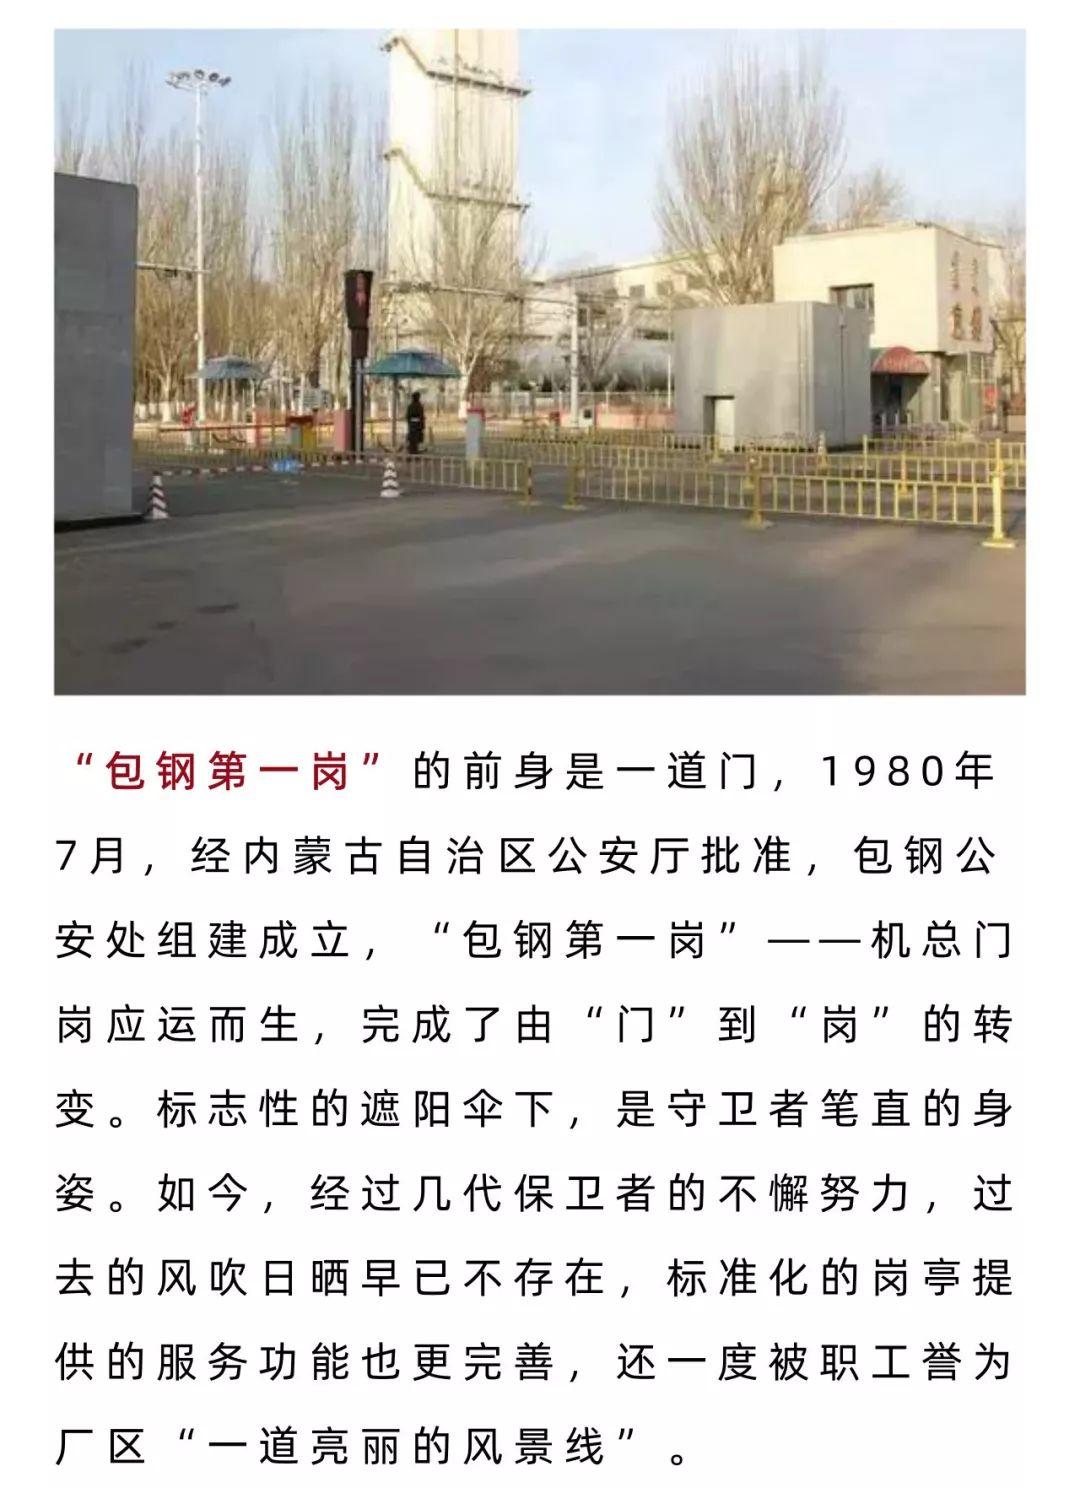 骚穴��i&�f_编 辑:赵雪莹 ,于 洋 文 图: 霍晓霞, 张铁建 校 对 :  沙郁楠, 谢 鹏